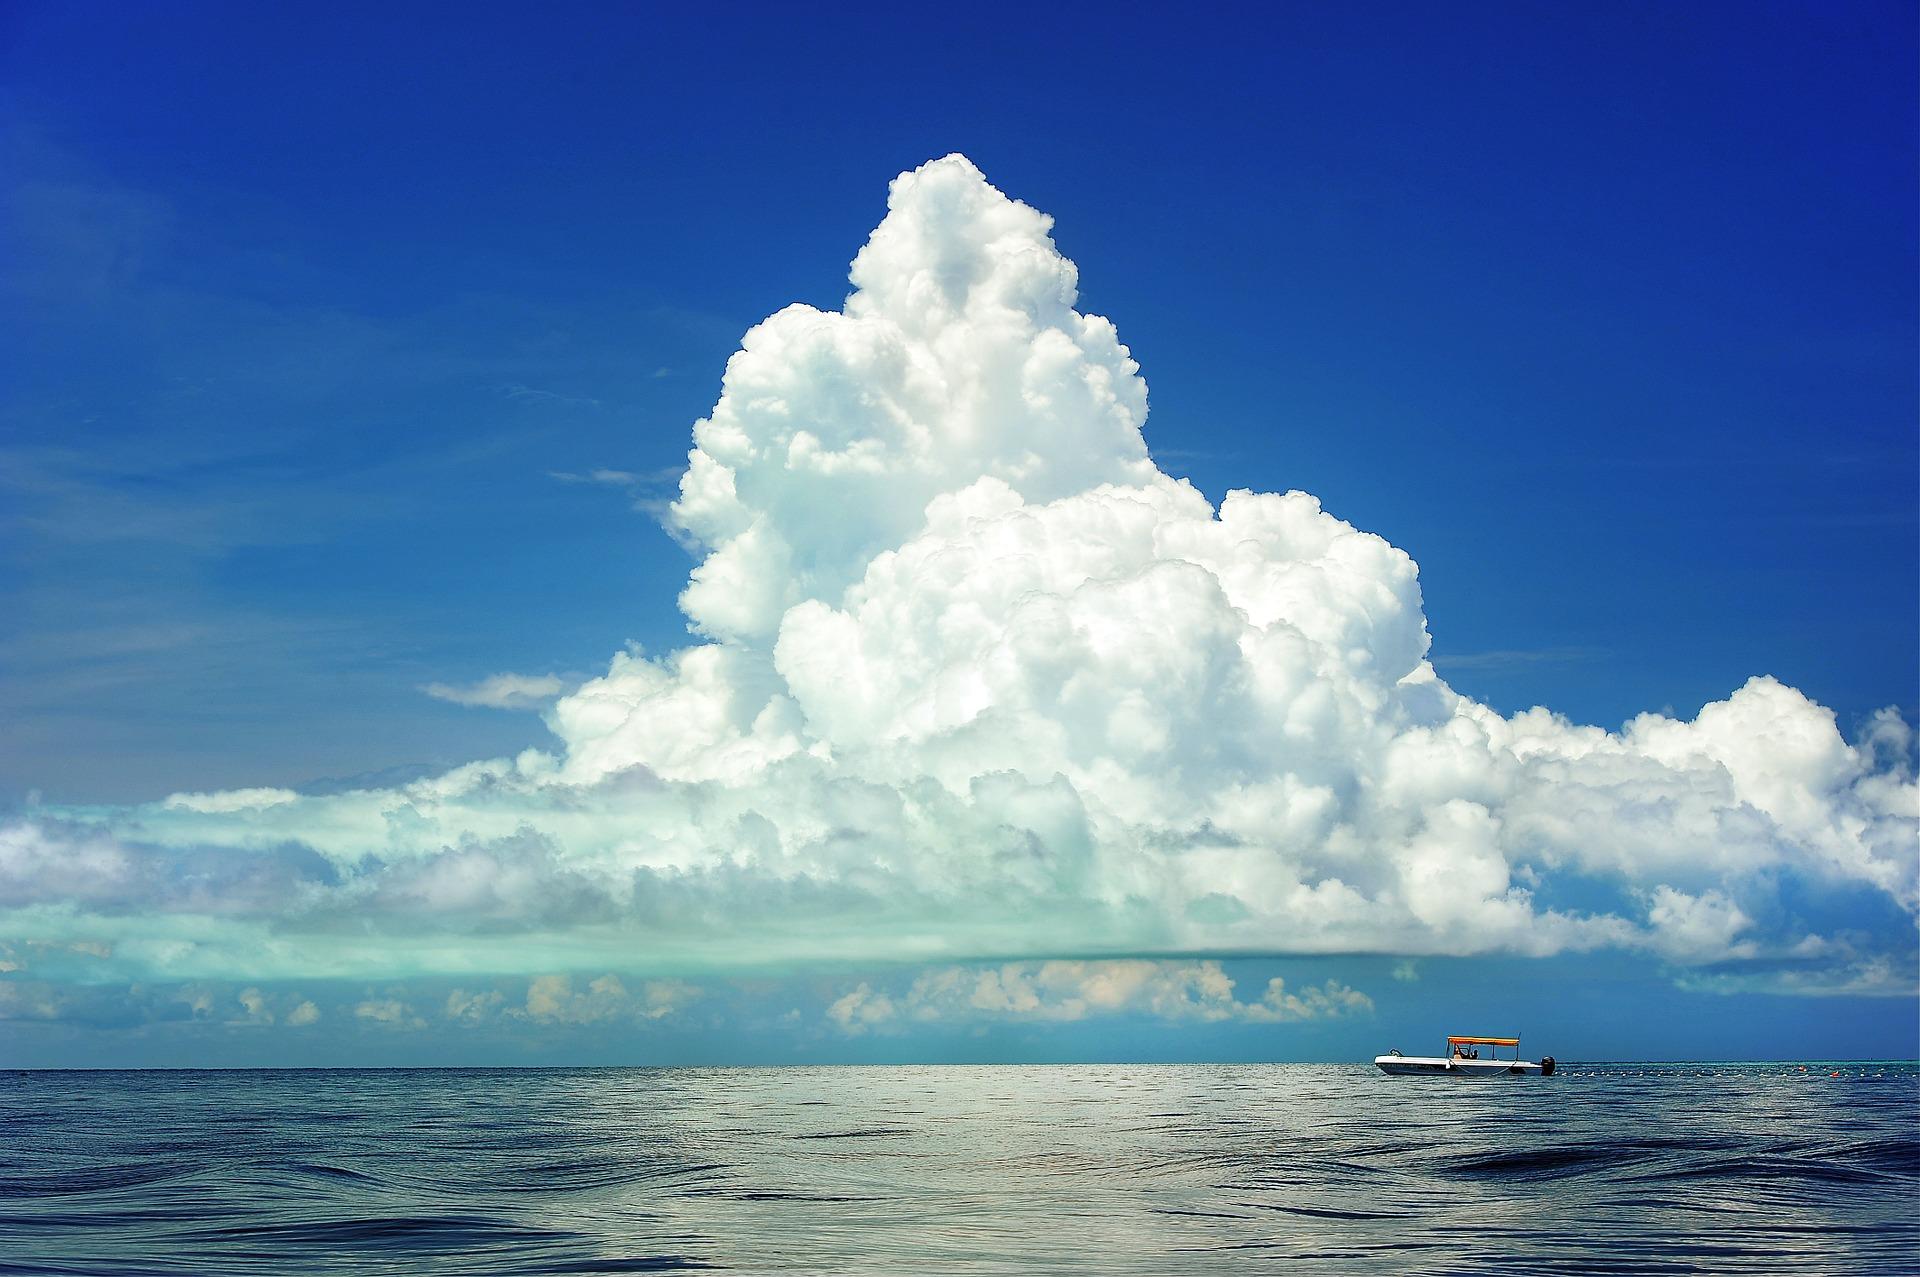 Cumulonimbus (Latince cumulus ve nimbus)